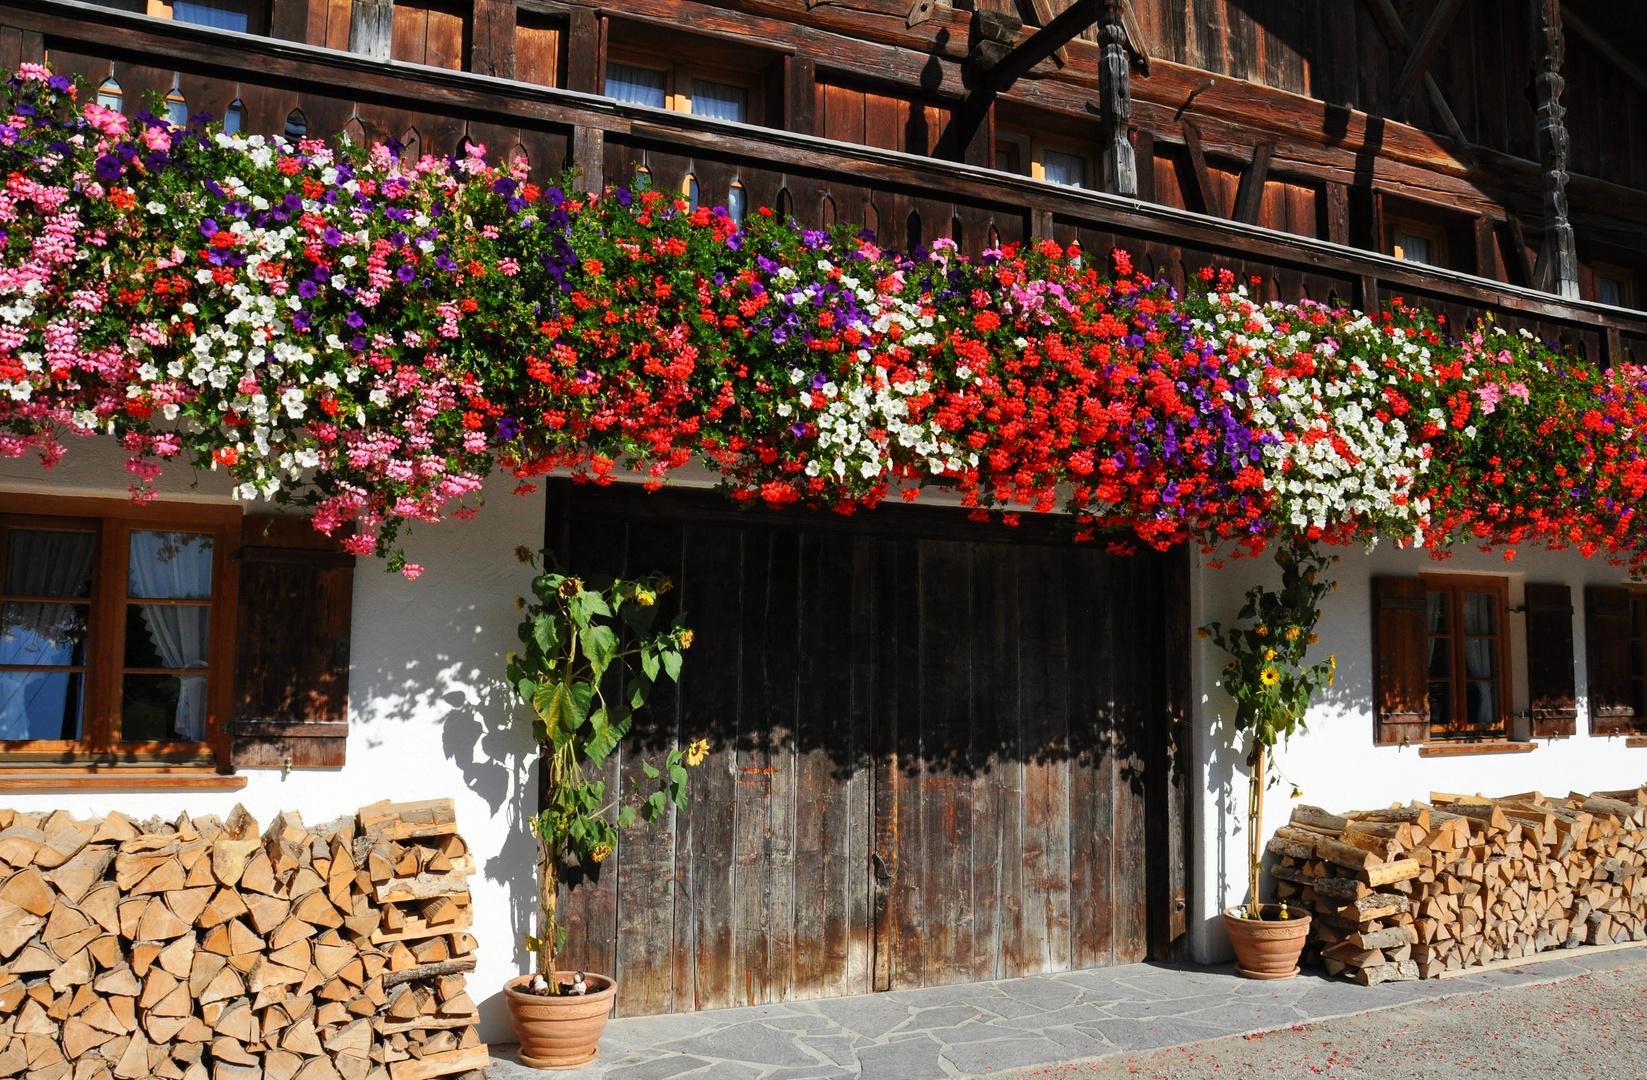 geranienpracht auf dem balkon foto bild deutschland europe bayern bilder auf fotocommunity. Black Bedroom Furniture Sets. Home Design Ideas